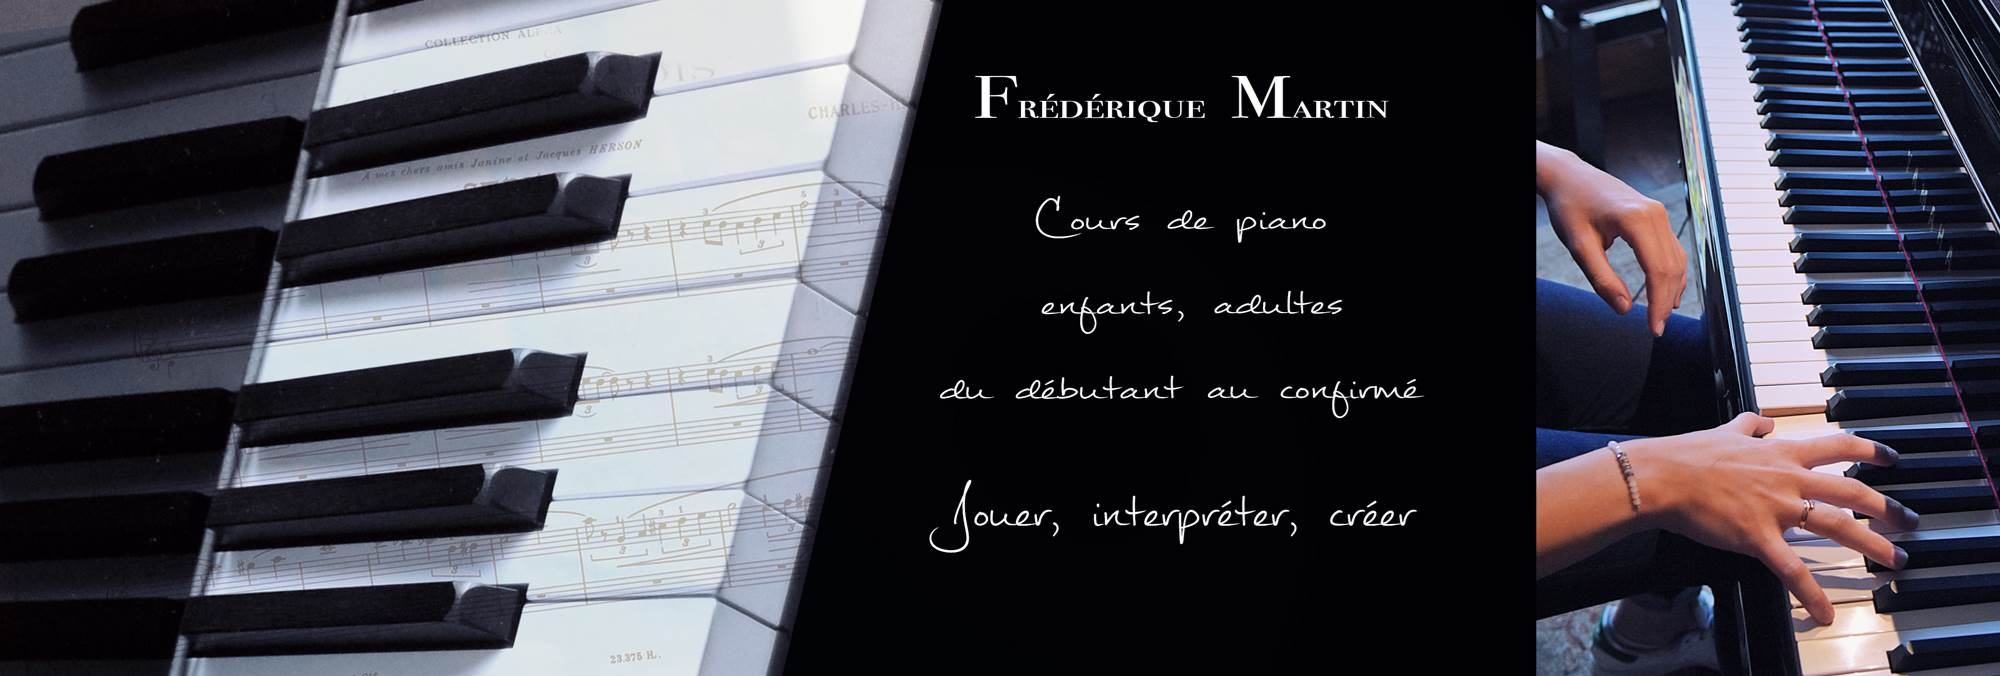 Frédérique Martin Professeur de Piano à Paris, Cours de piano.